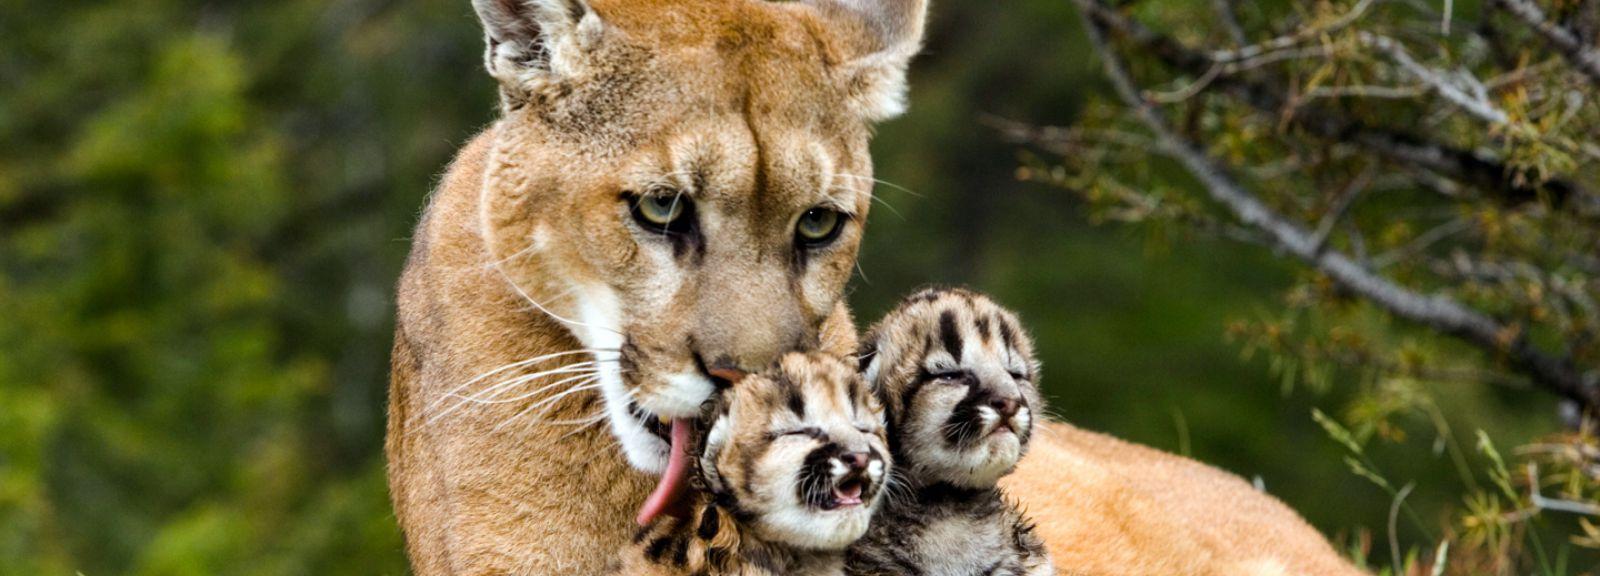 Puma, femelle et jeunes âgés de 1 semaine, Montagnes Rocheuses - USA © PlanetNoé - J-L Klein & M-L Hubert